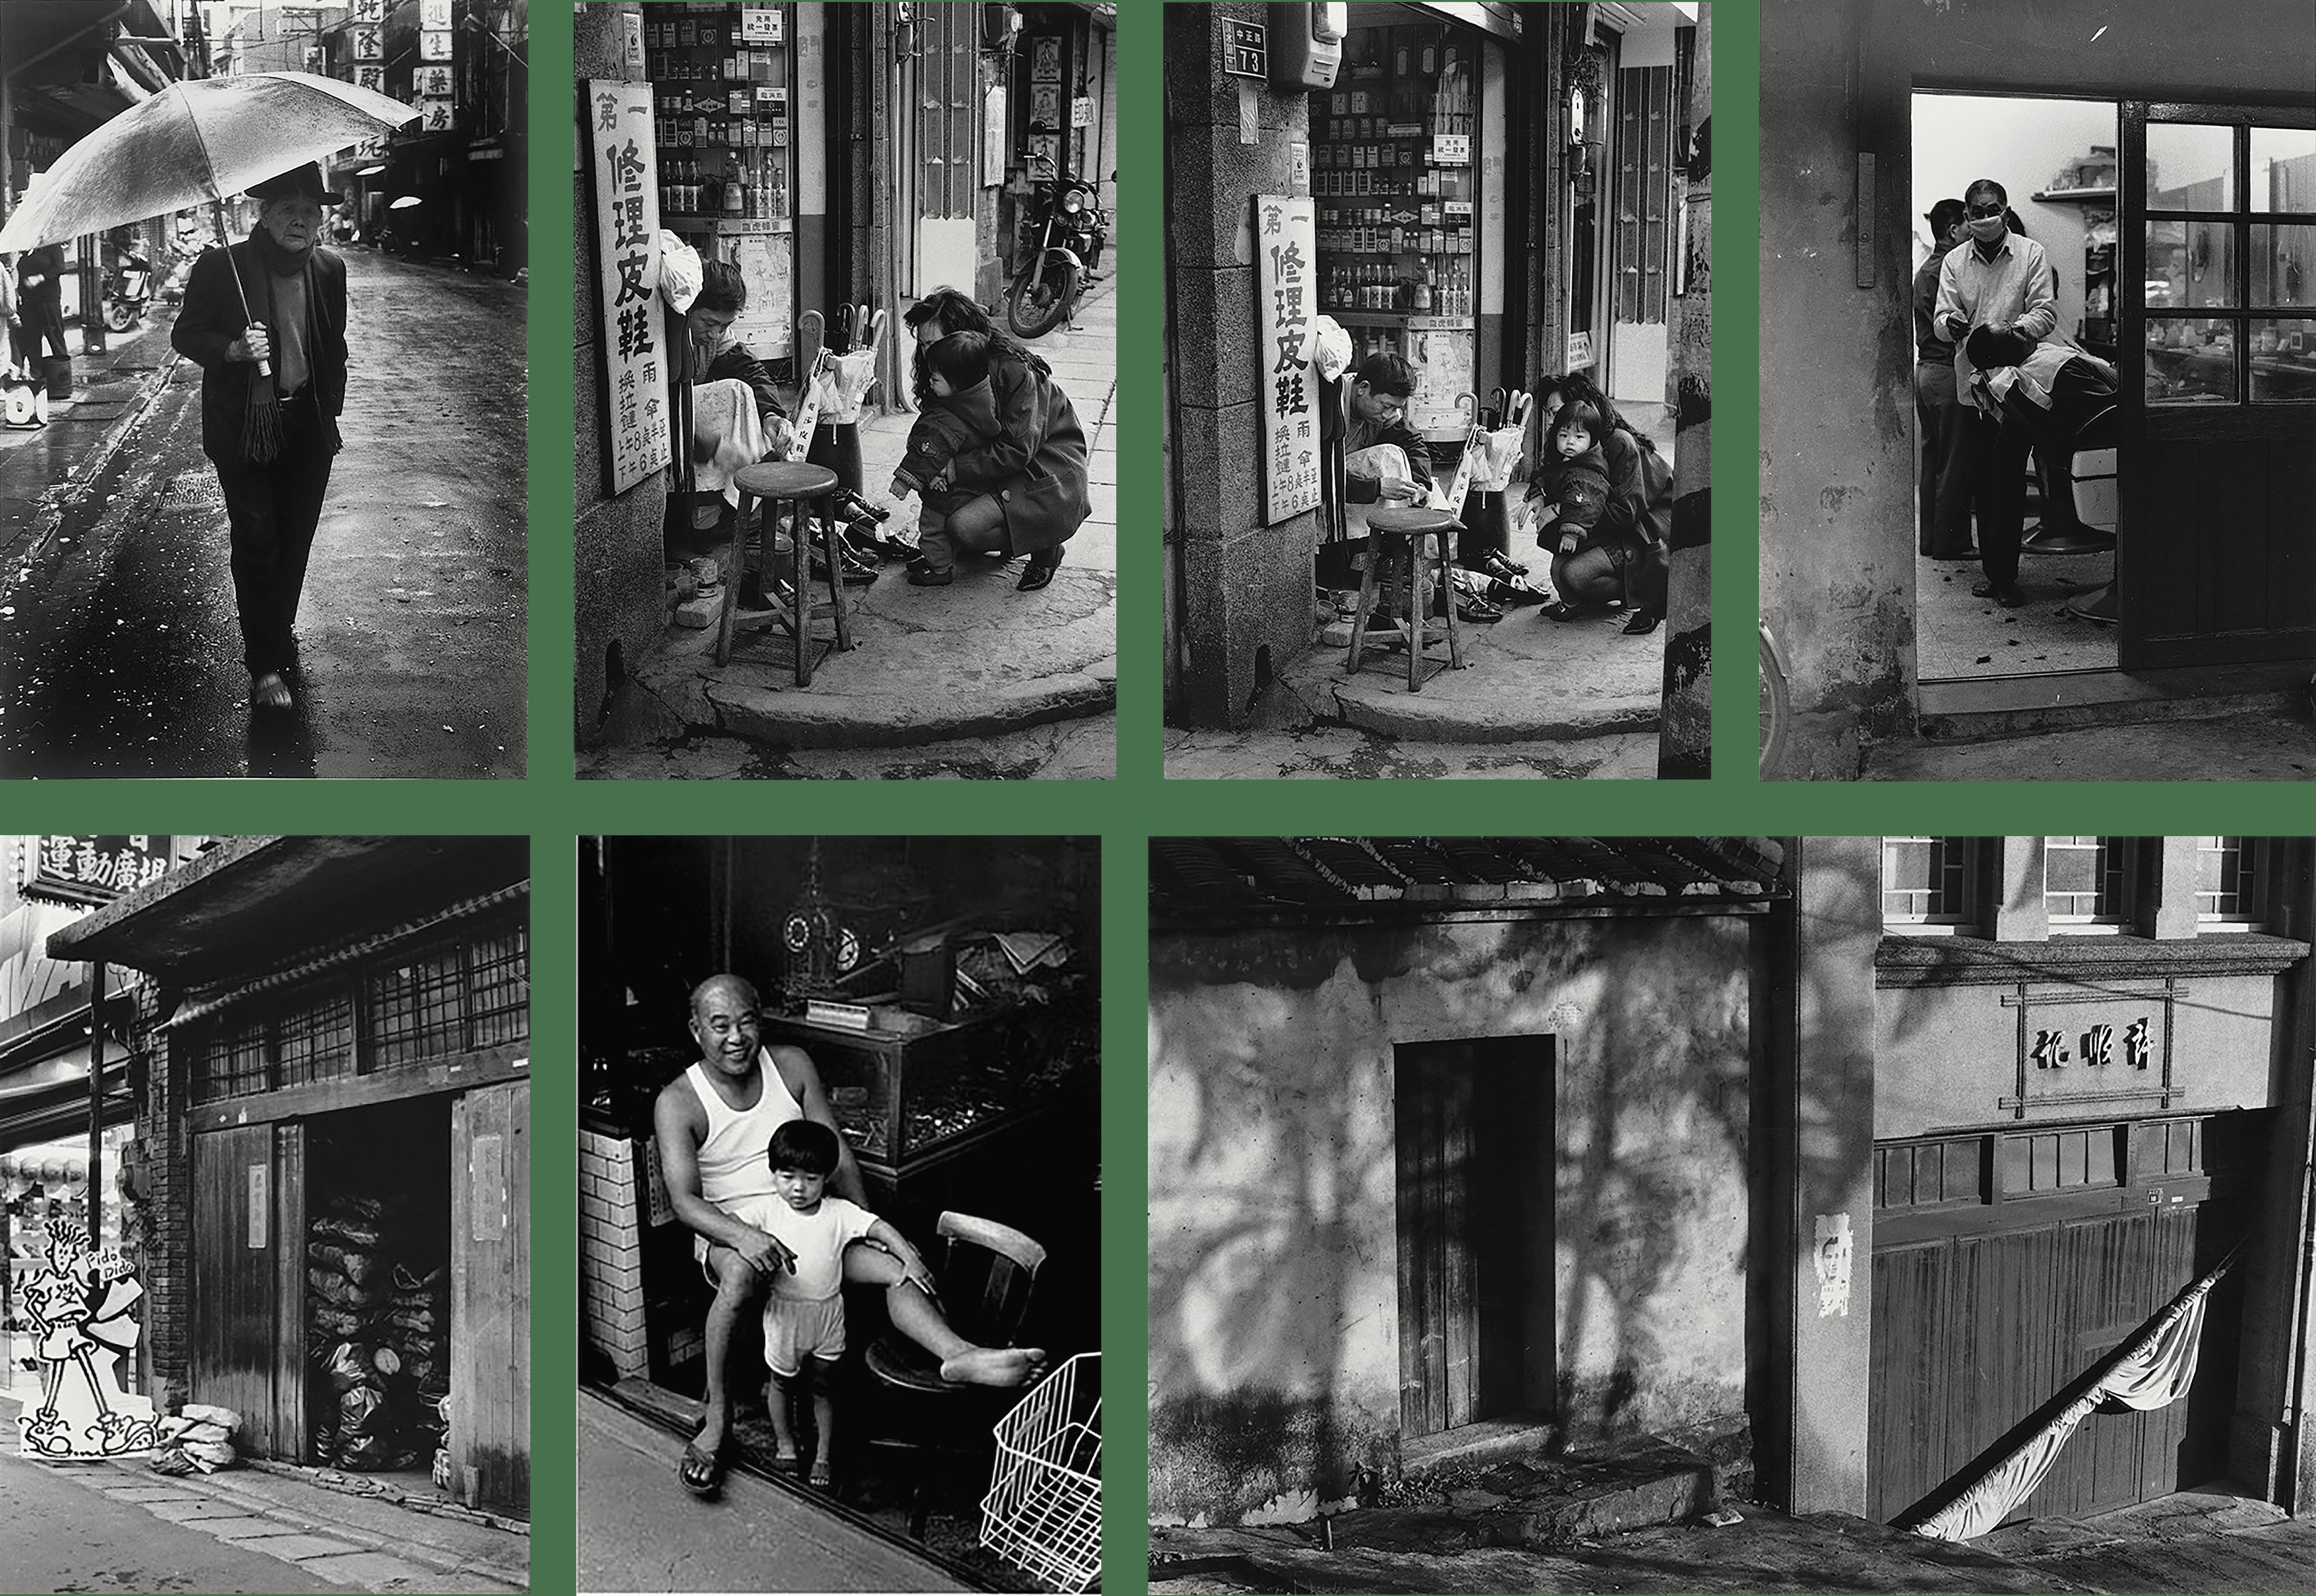 上排:中山路、73號修理皮鞋、渡船頭理髮店;下排:中正路煤炭店、三民街鐘錶店、重建街8號10號